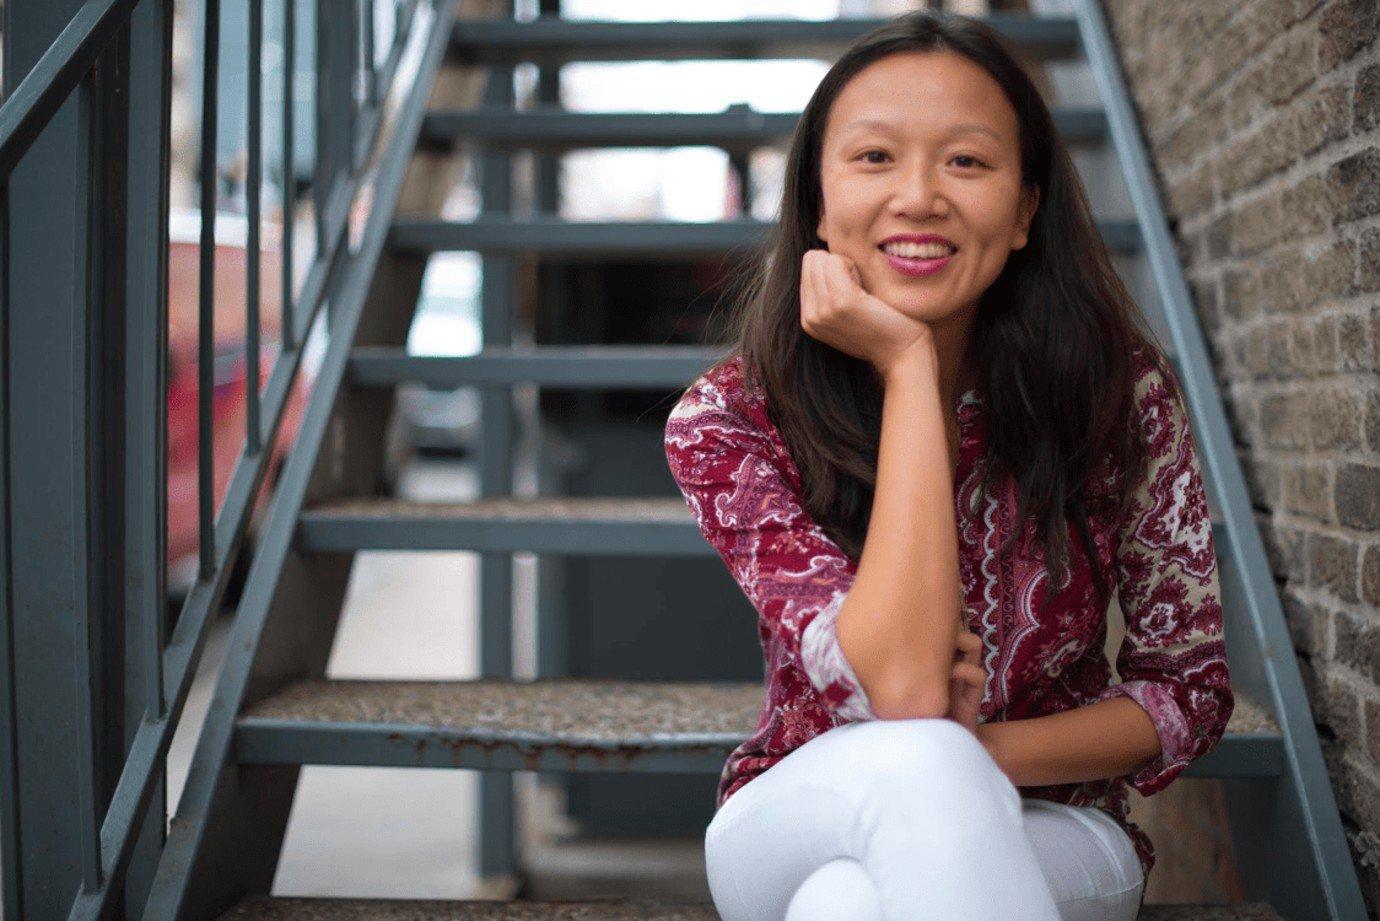 Bedy Yang, sócia operadora da 500 Startups